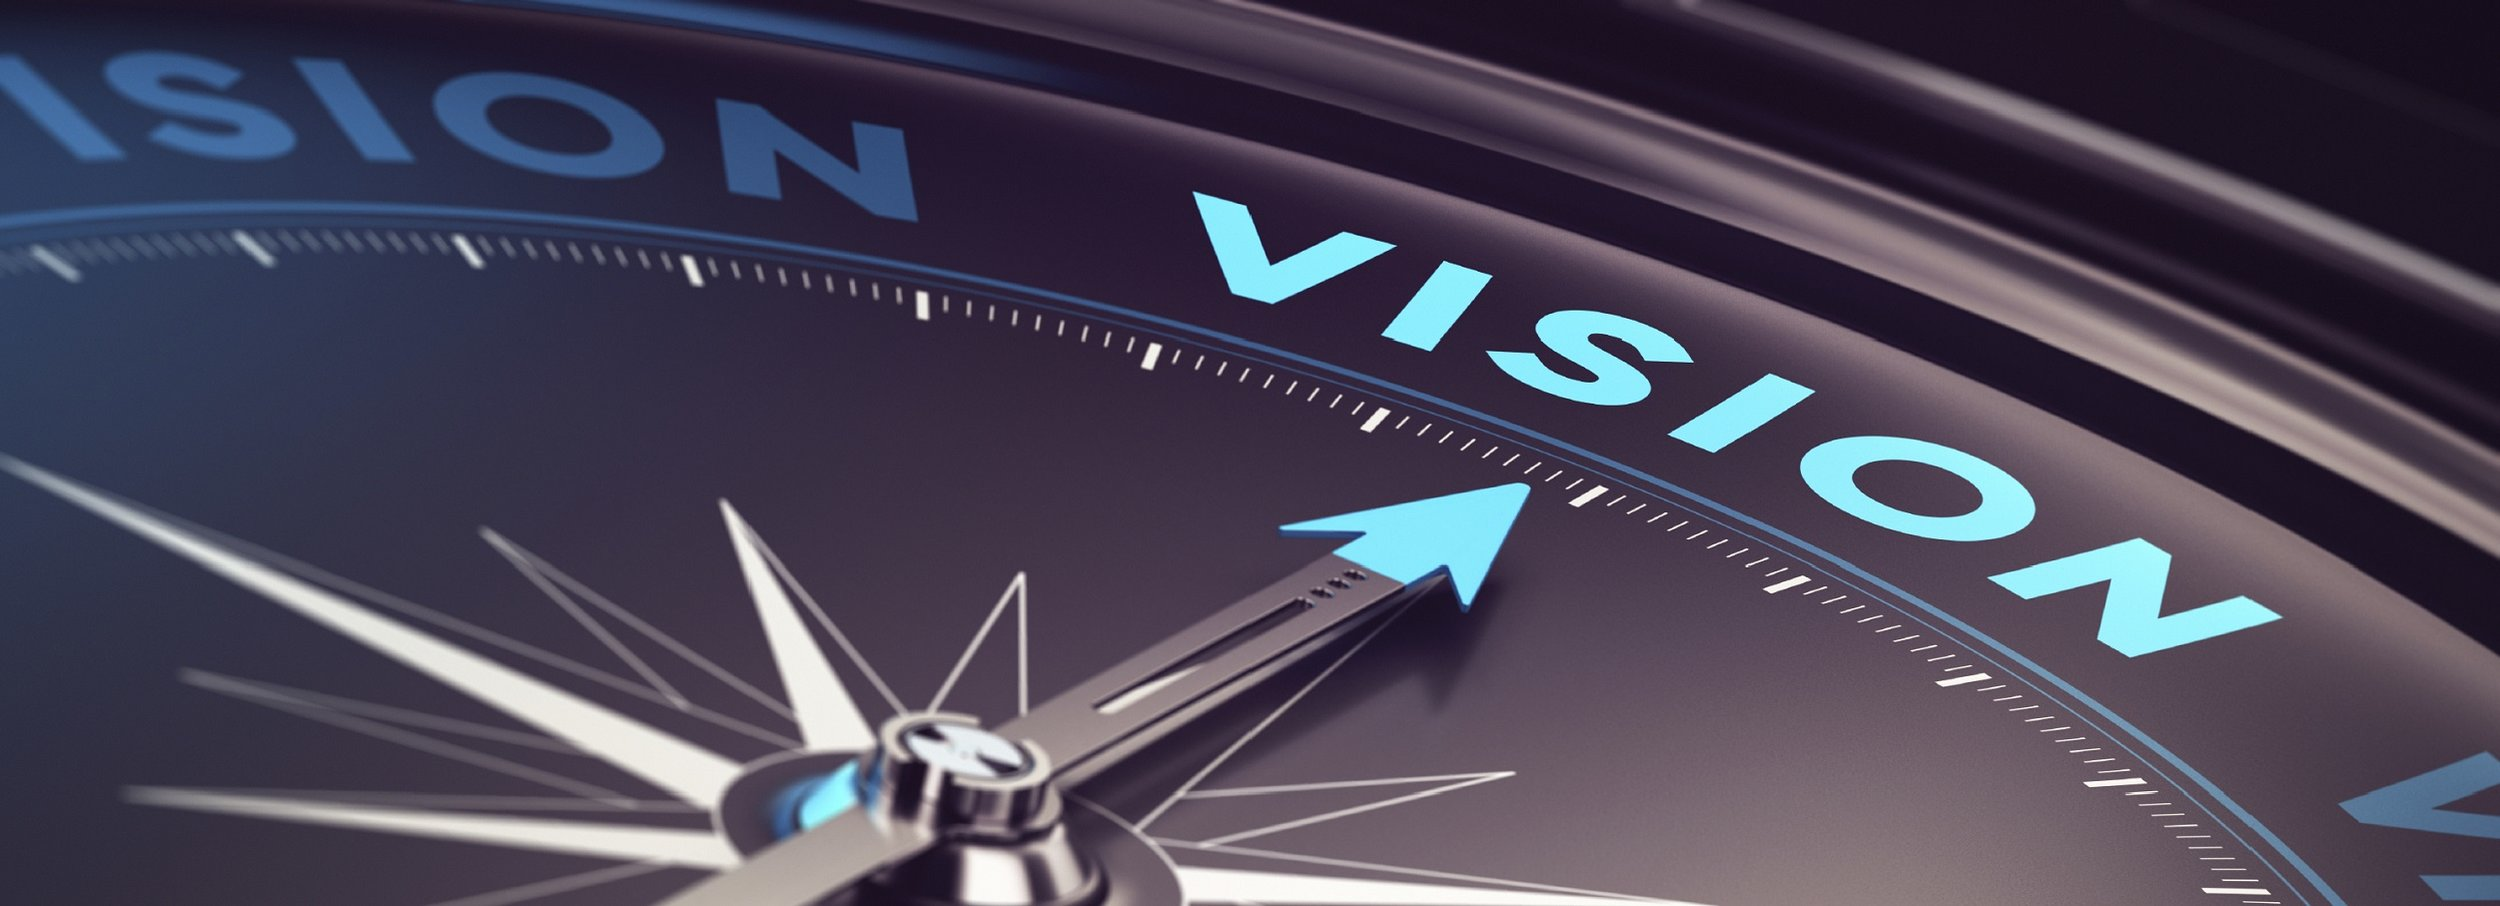 vision-3.jpg